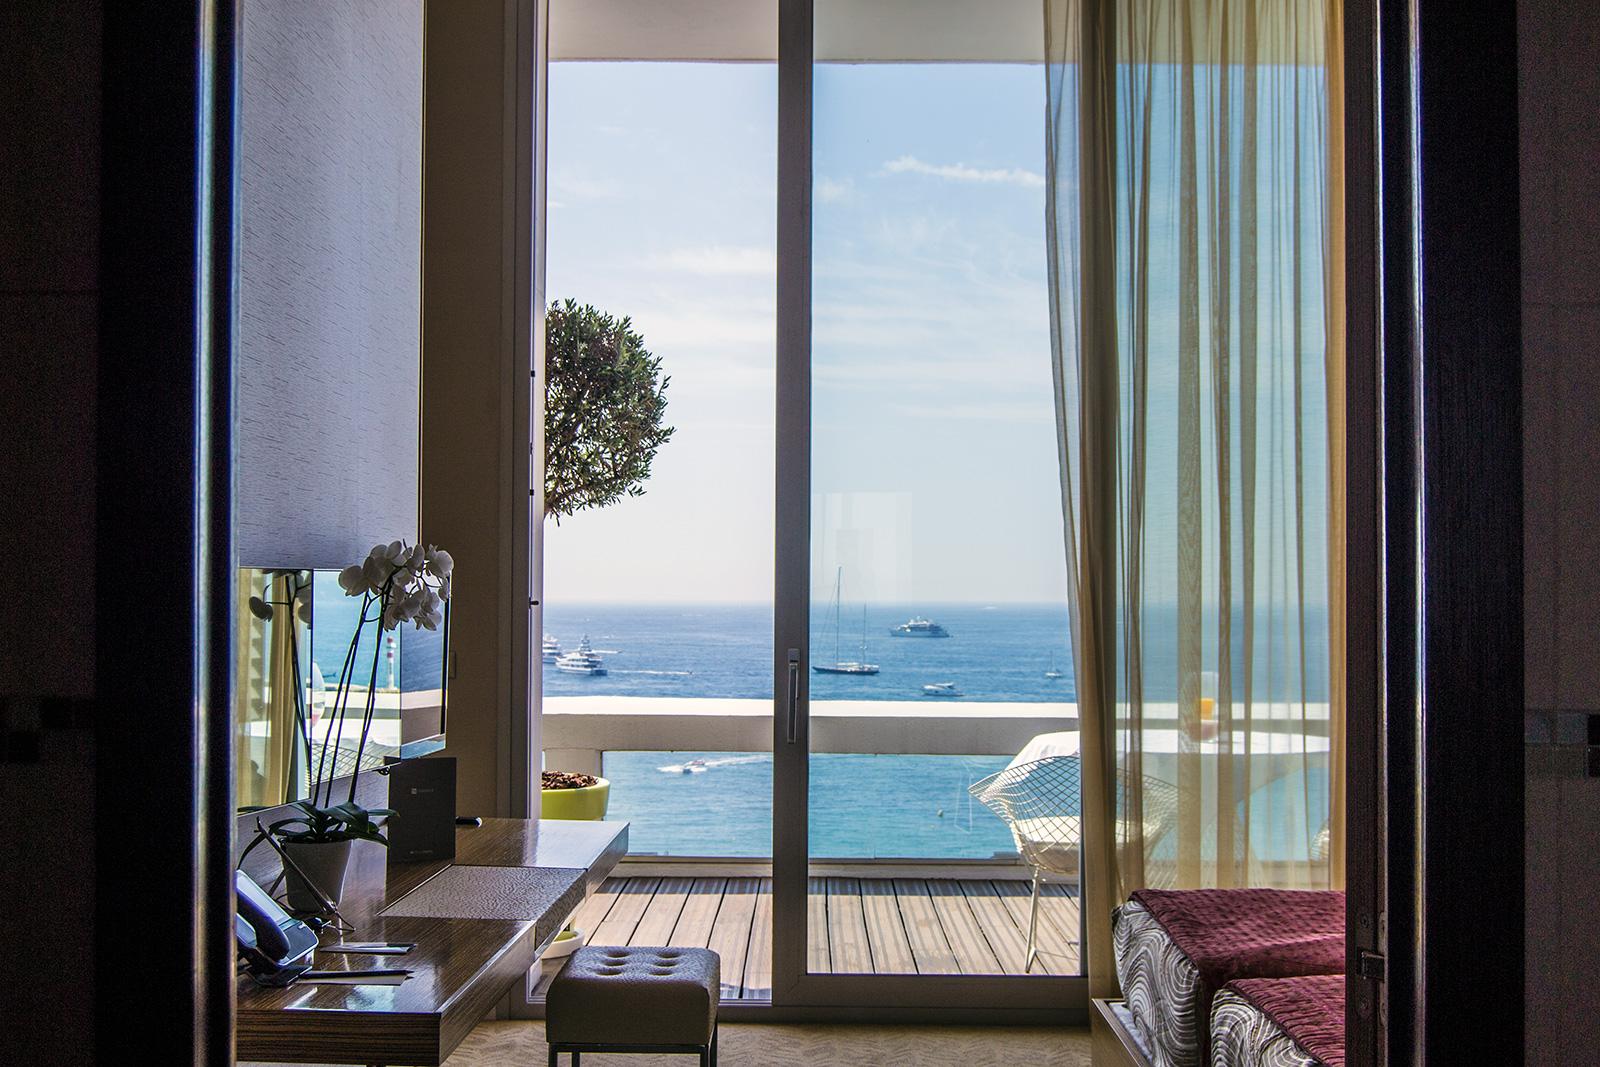 Vistas de la playa desde el dormitorio del Grand Hotel Cannes con vistas al mar